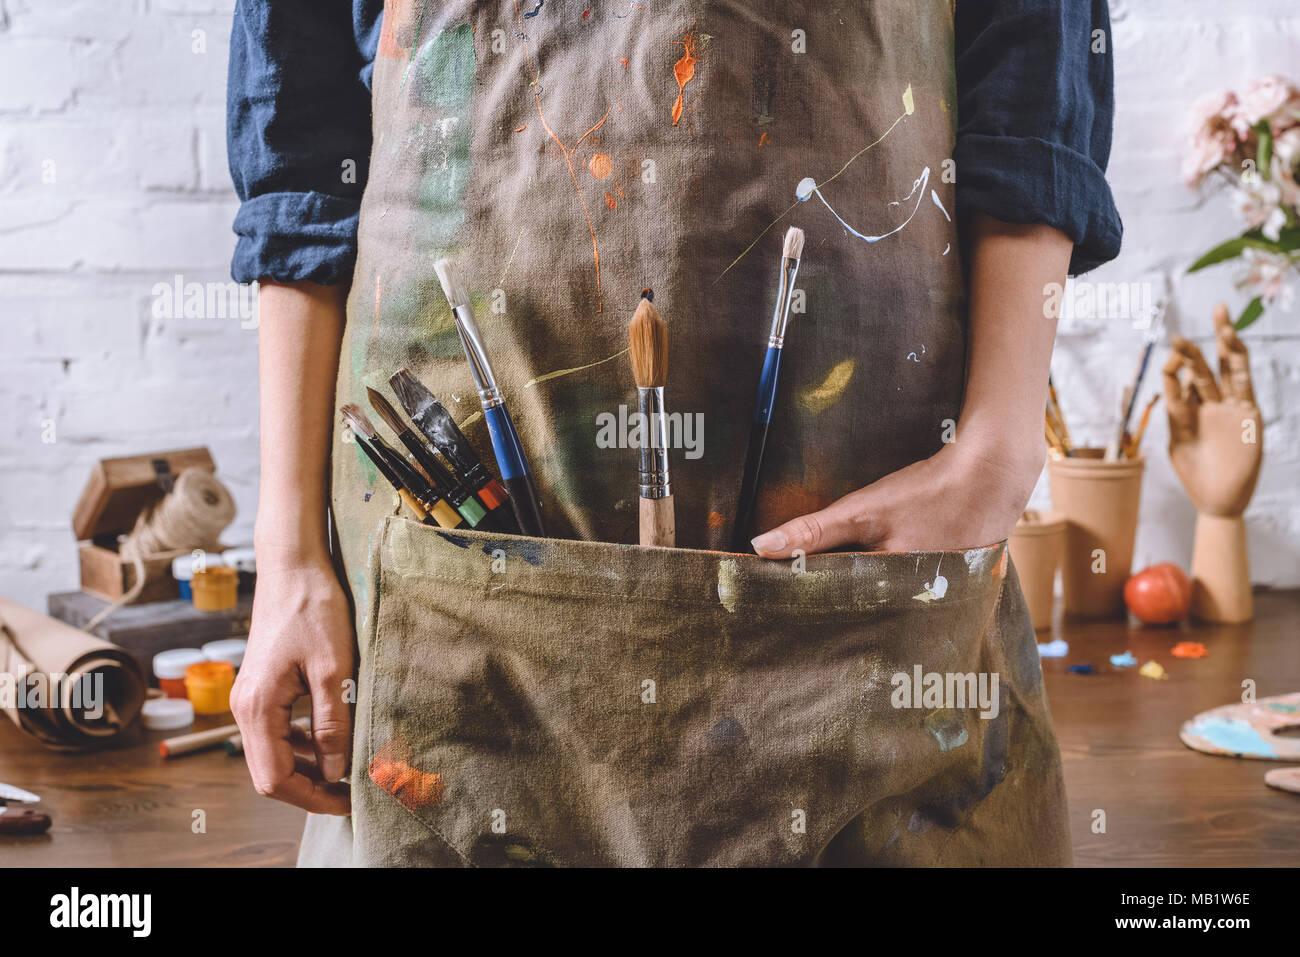 Immagine ritagliata dell'artista con i pennelli e la mano in tasca della catenaria Immagini Stock